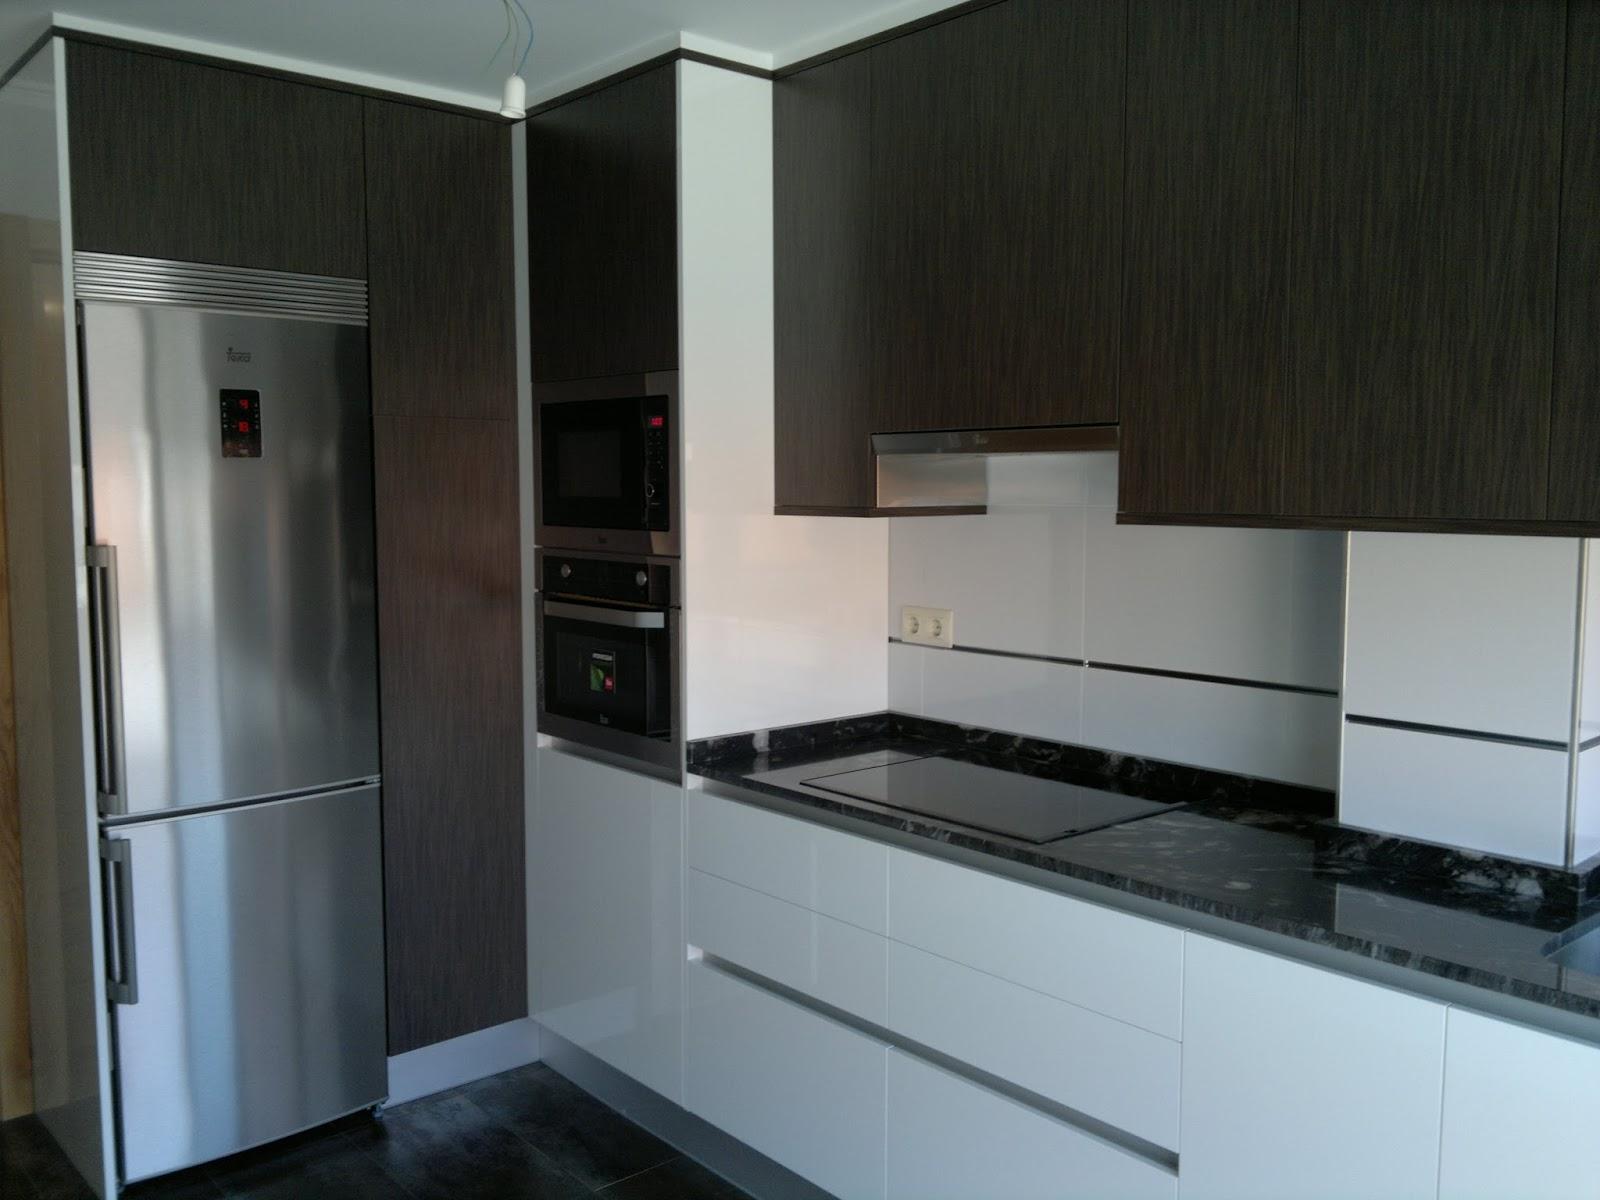 Trabajos realizados por carpinter a pexeiros cocina en - Formica para cocinas ...